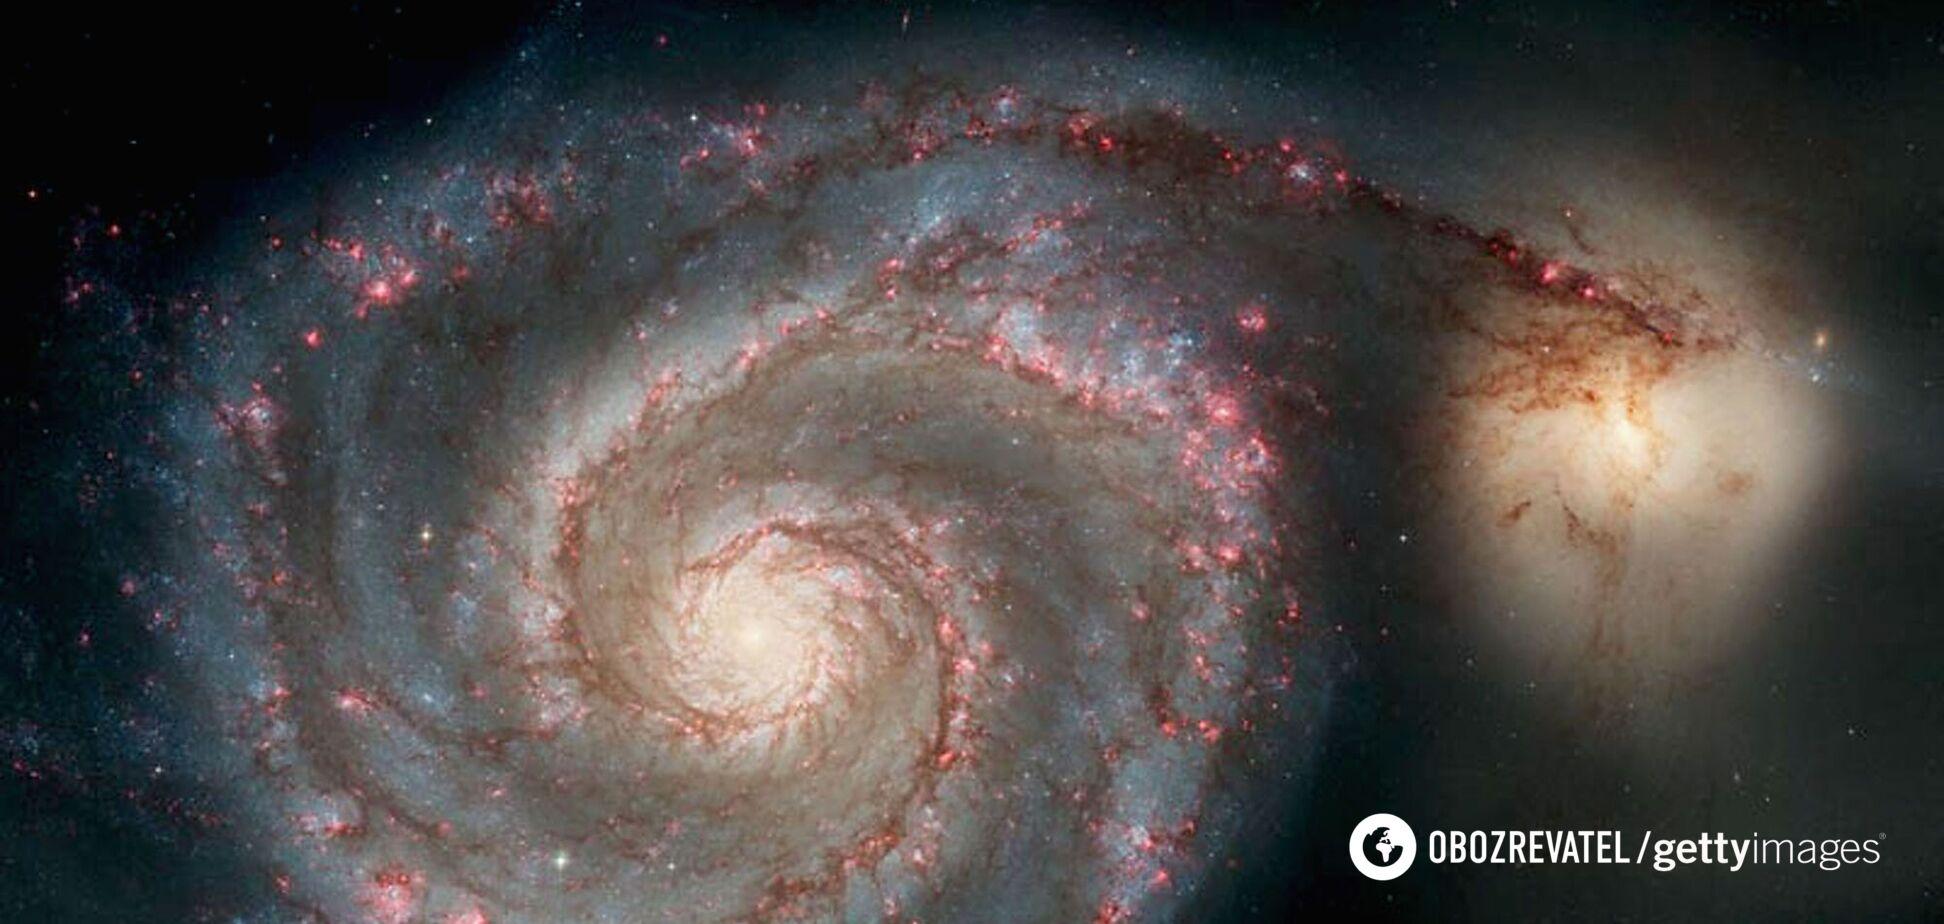 Ученые впервые нашли в нашей галактике 'звезду-зомби'